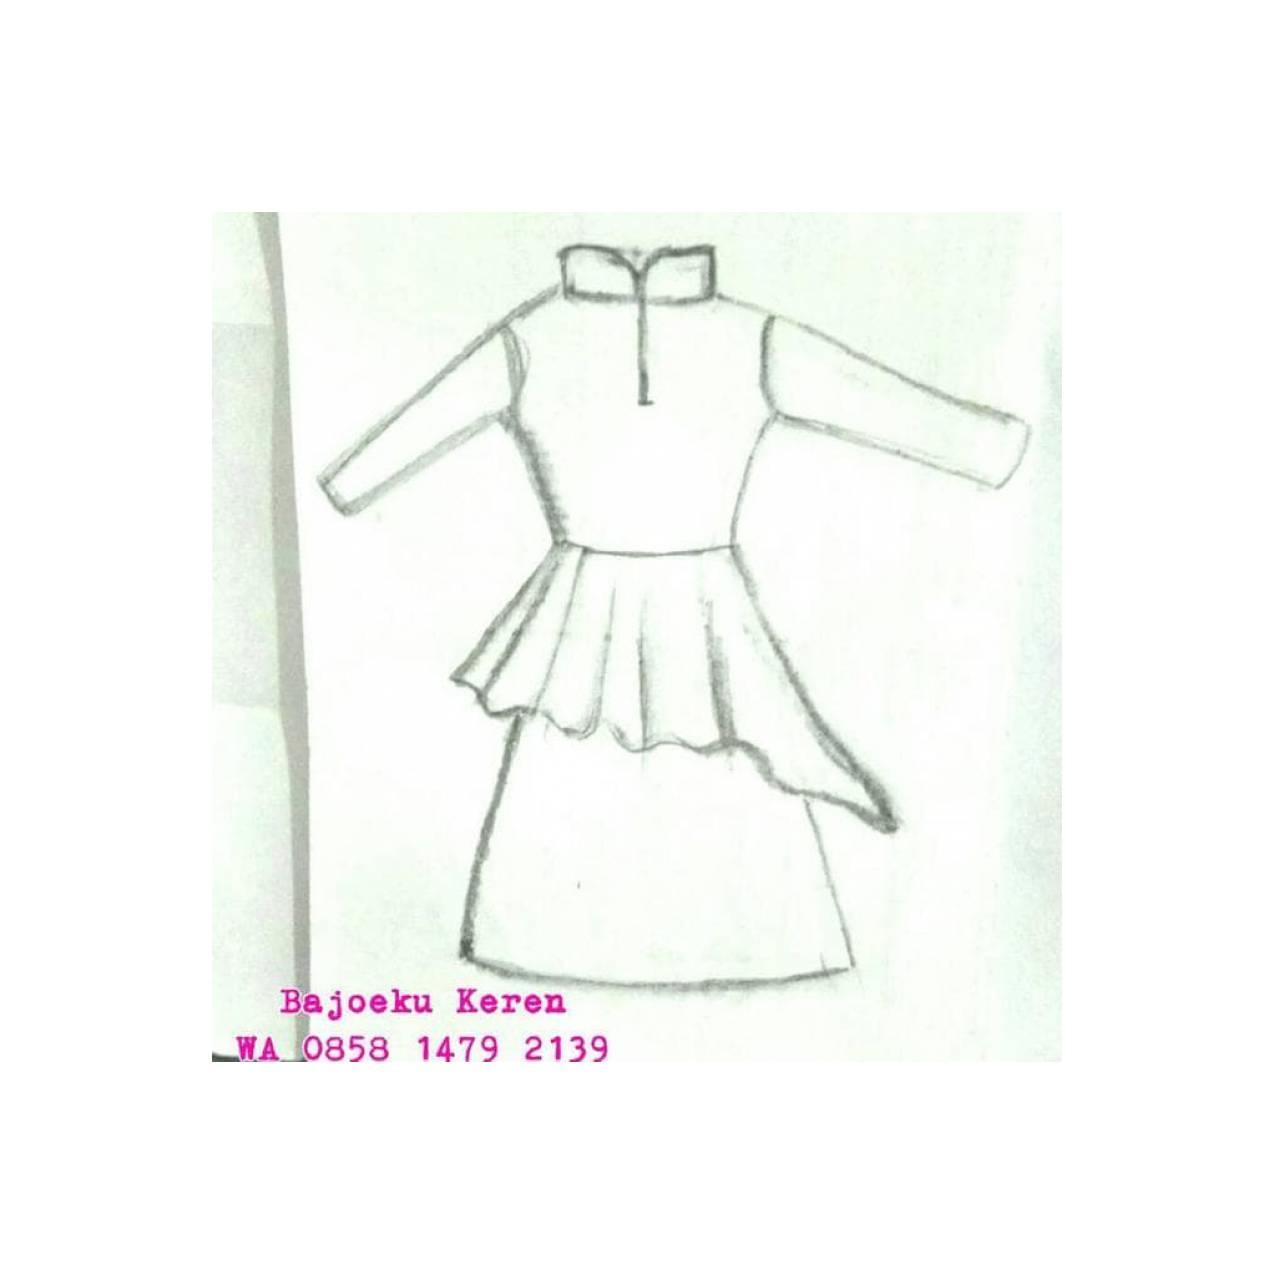 Jual Po Gamis Baju Muslim Kebaya Dress Blouse. Terima Jahit Free Bahan